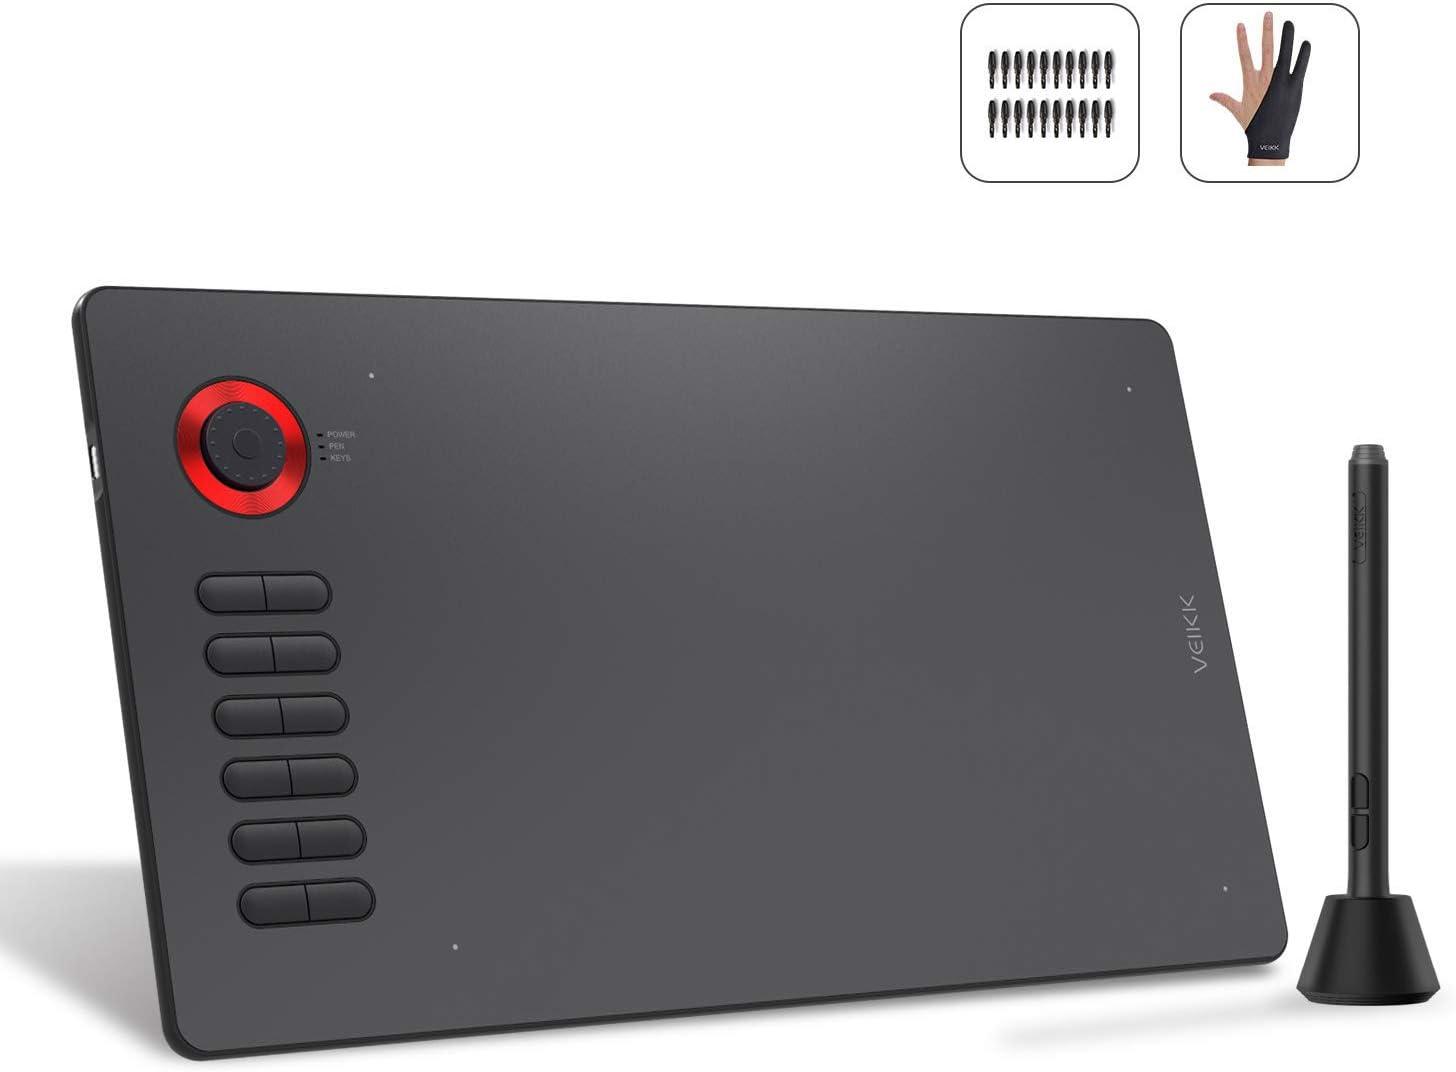 VEIKK ペンタブレット ショートカット&ホイール 傾き検知 充電不要ペン 8192レベル 初心者 多彩なデザイン A15pro (red)